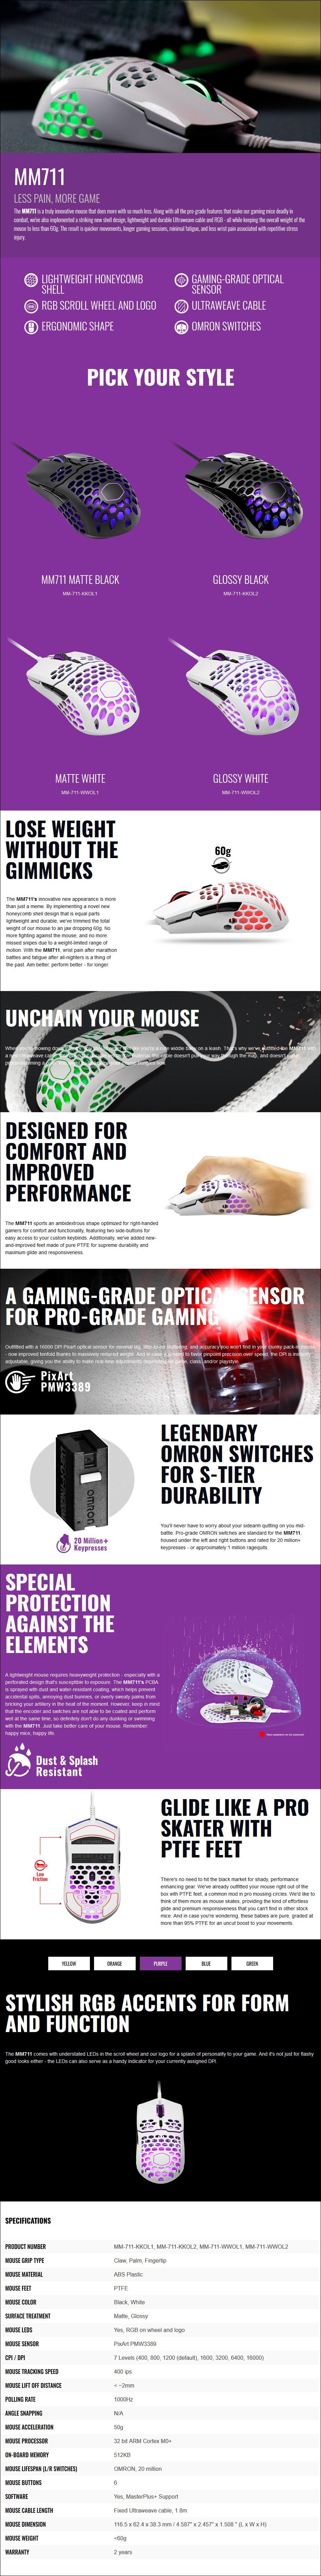 cooler-master-mm711-rgb-optical-gaming-mouse-matte-black-ac28755-9-1-.jpg